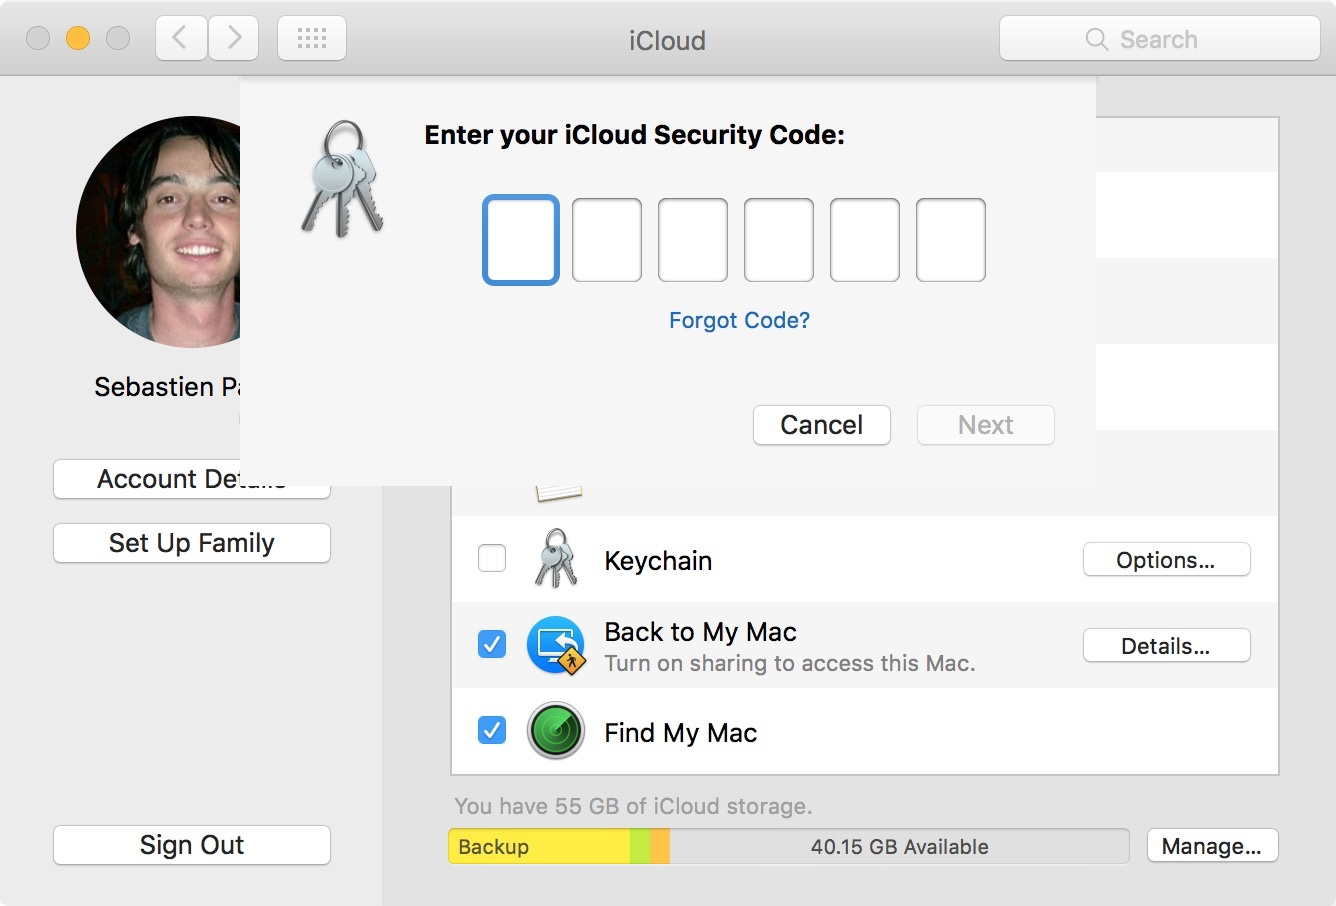 Mac ingresa el código de seguridad de icloud